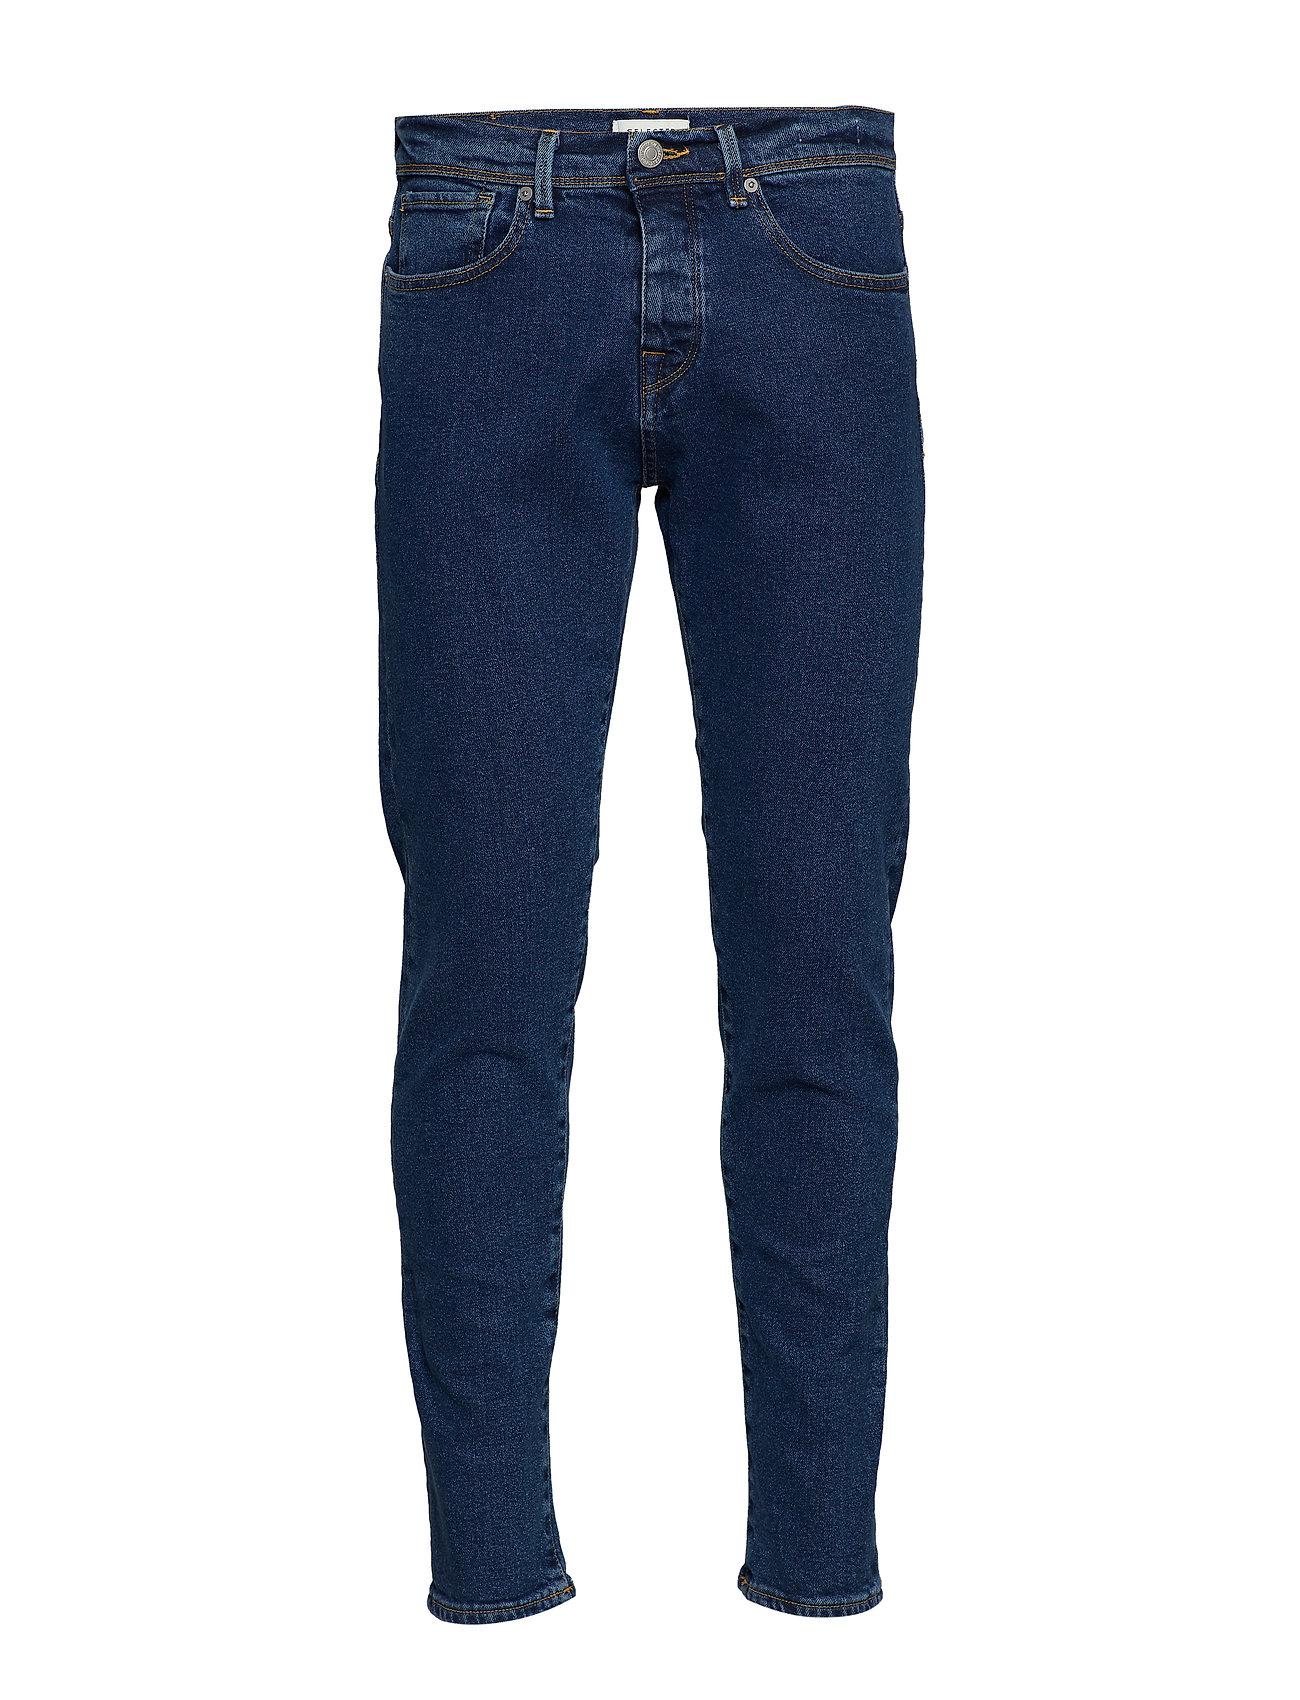 Selected Homme SLHTAPEröd TOBY 1461 blå JEANS W Jeans